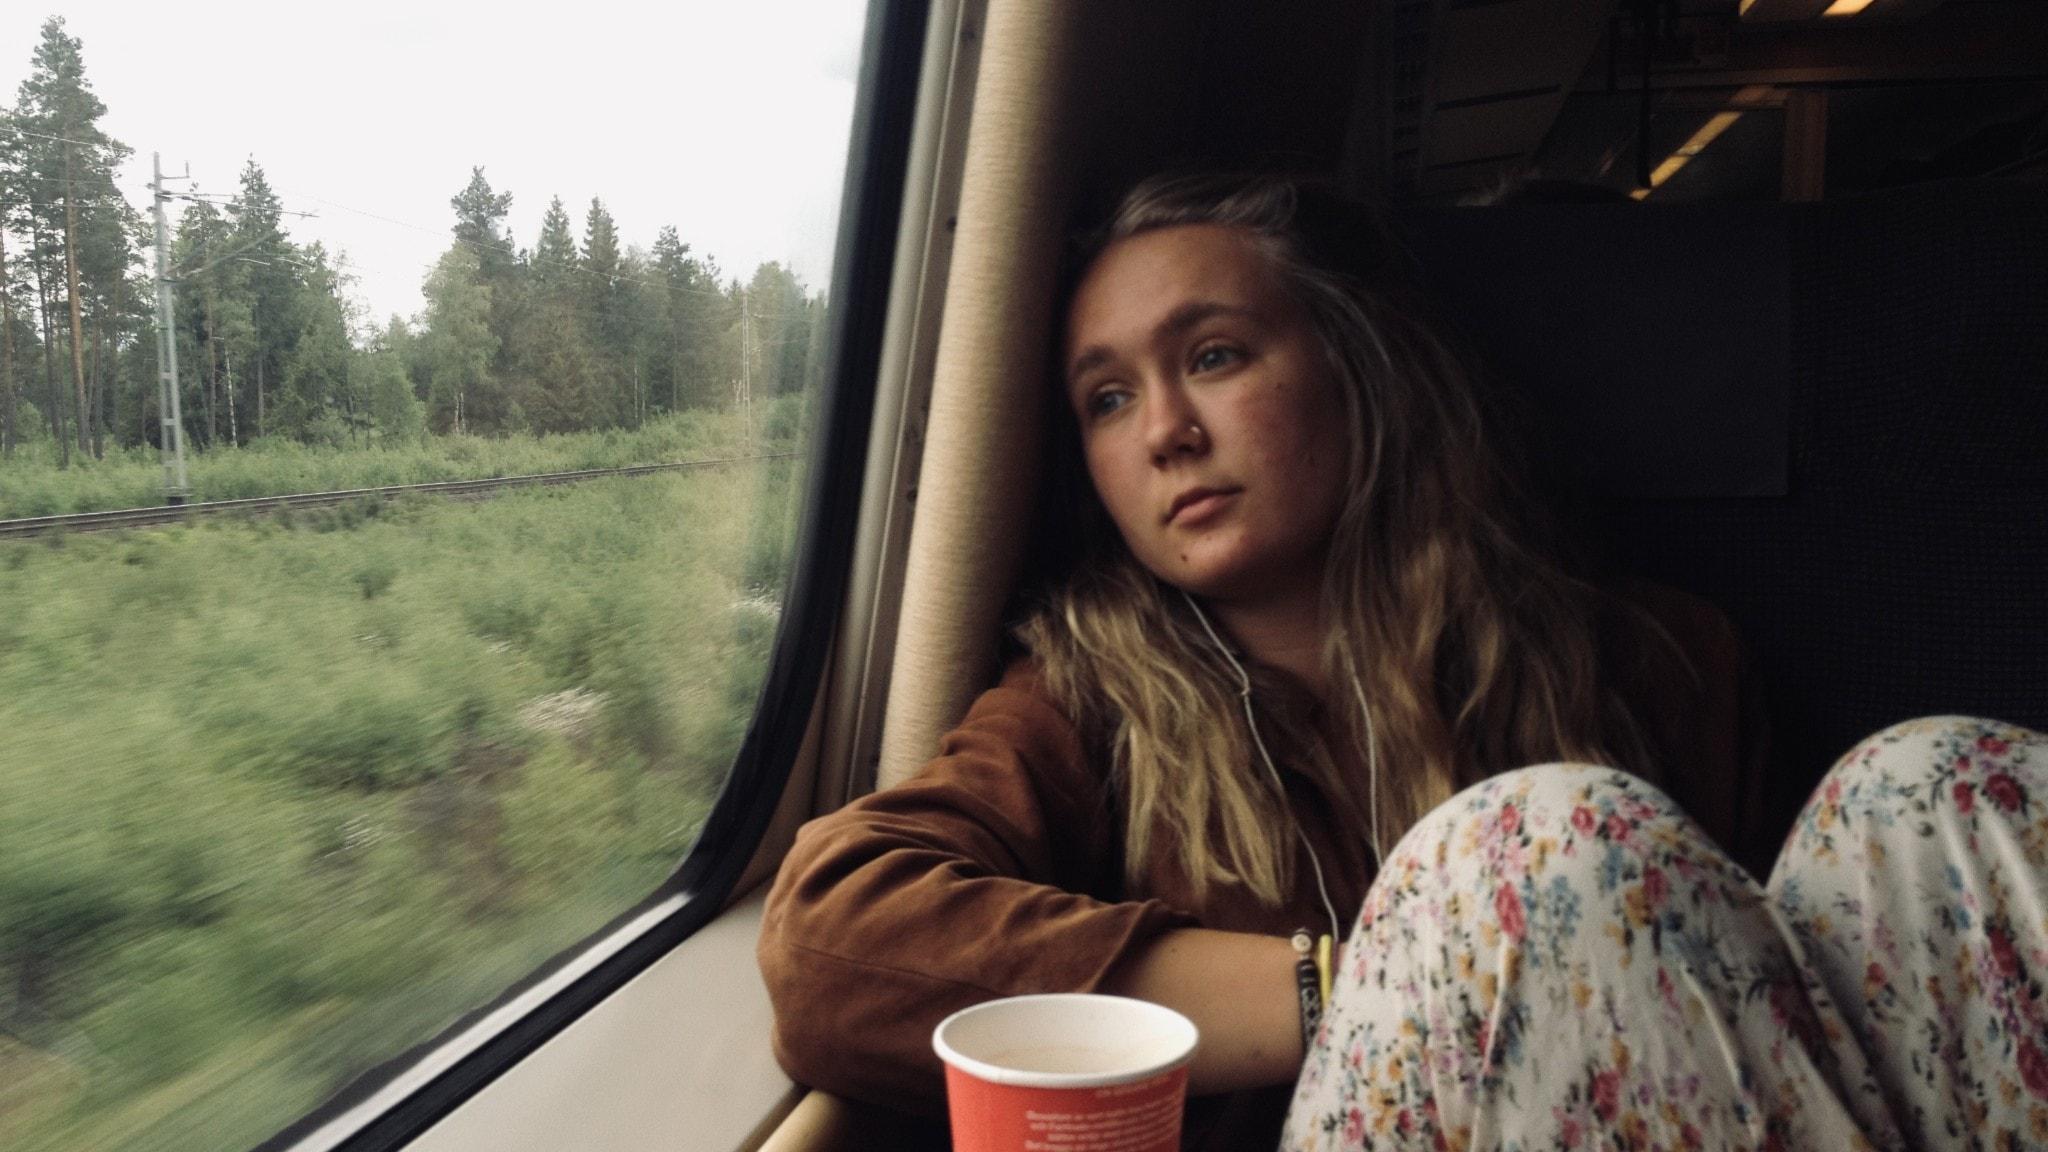 Ung kvinna tittar ut genom fönstret på ett tåg.